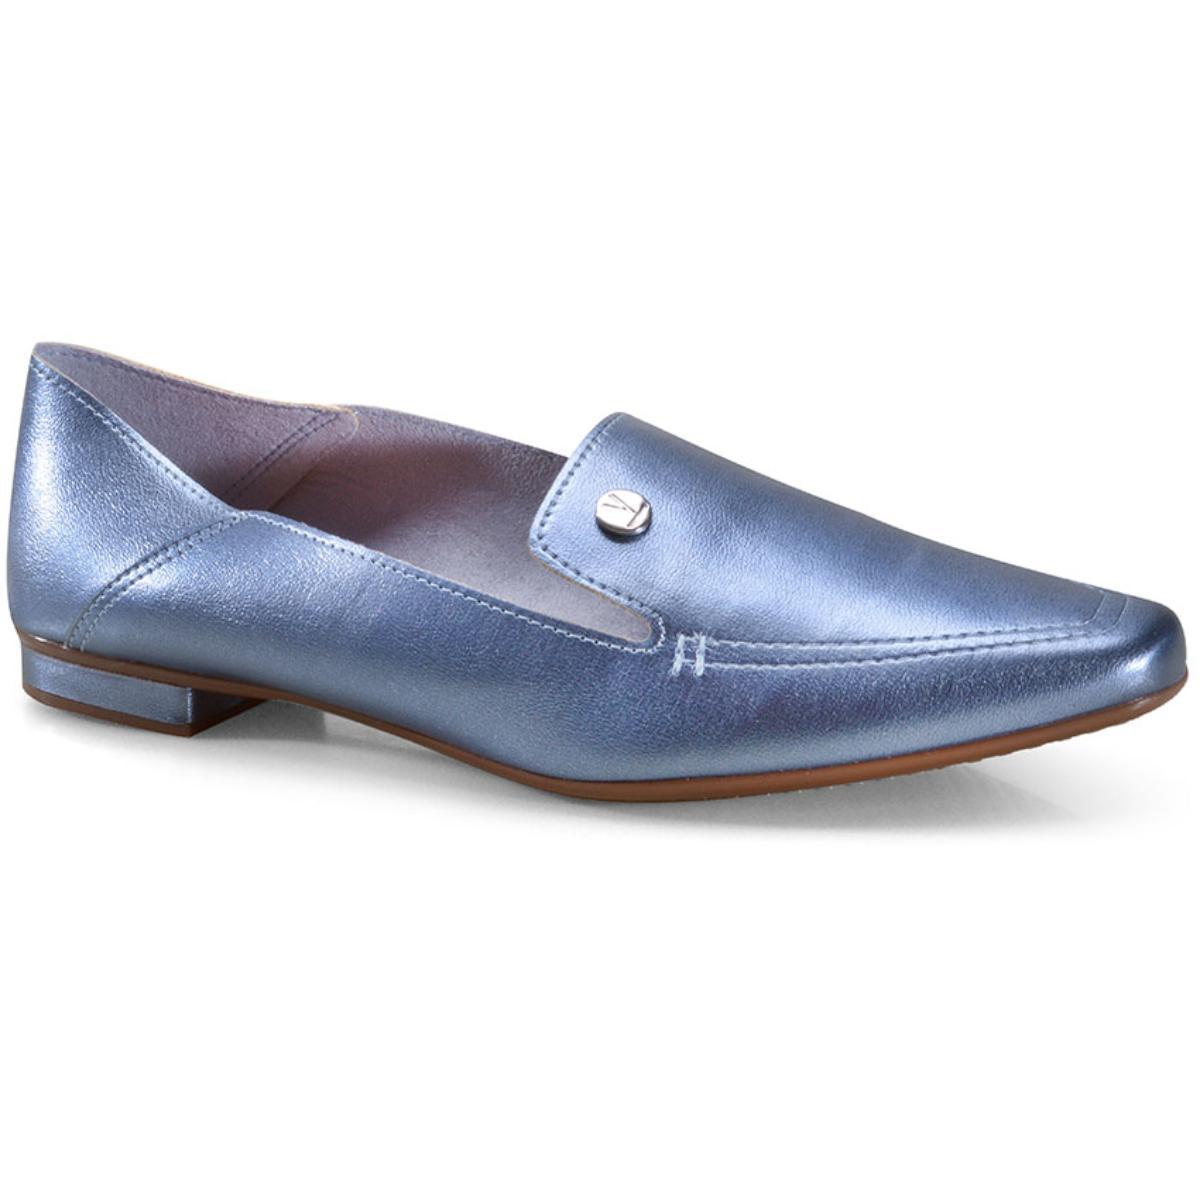 Sapato Feminino Vizzano 1351100 Jeans Metalizado